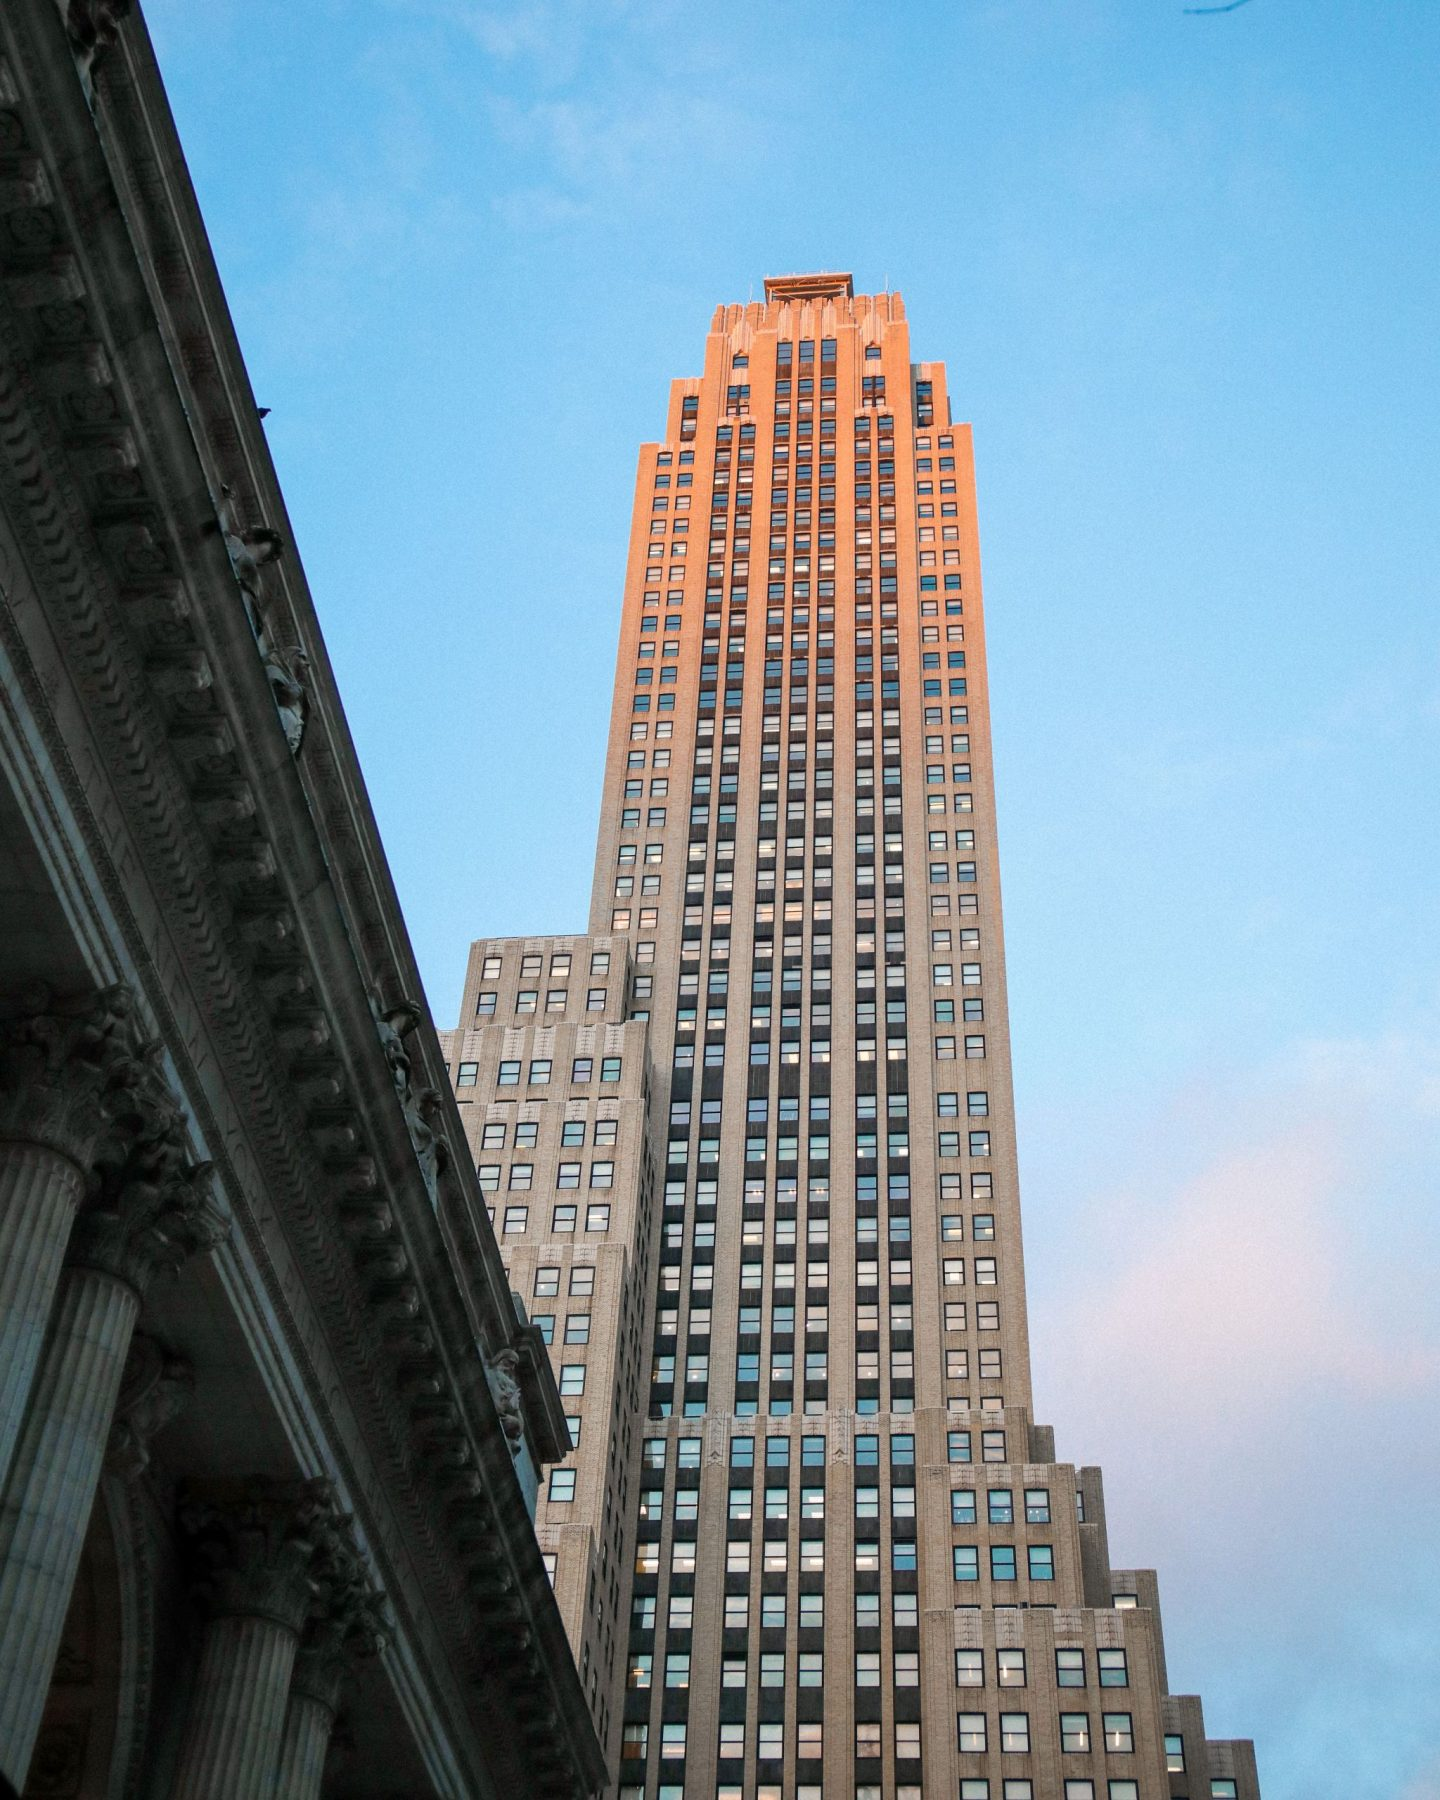 New York Public Library, NYPL, Katie Heath, KALANCHOE